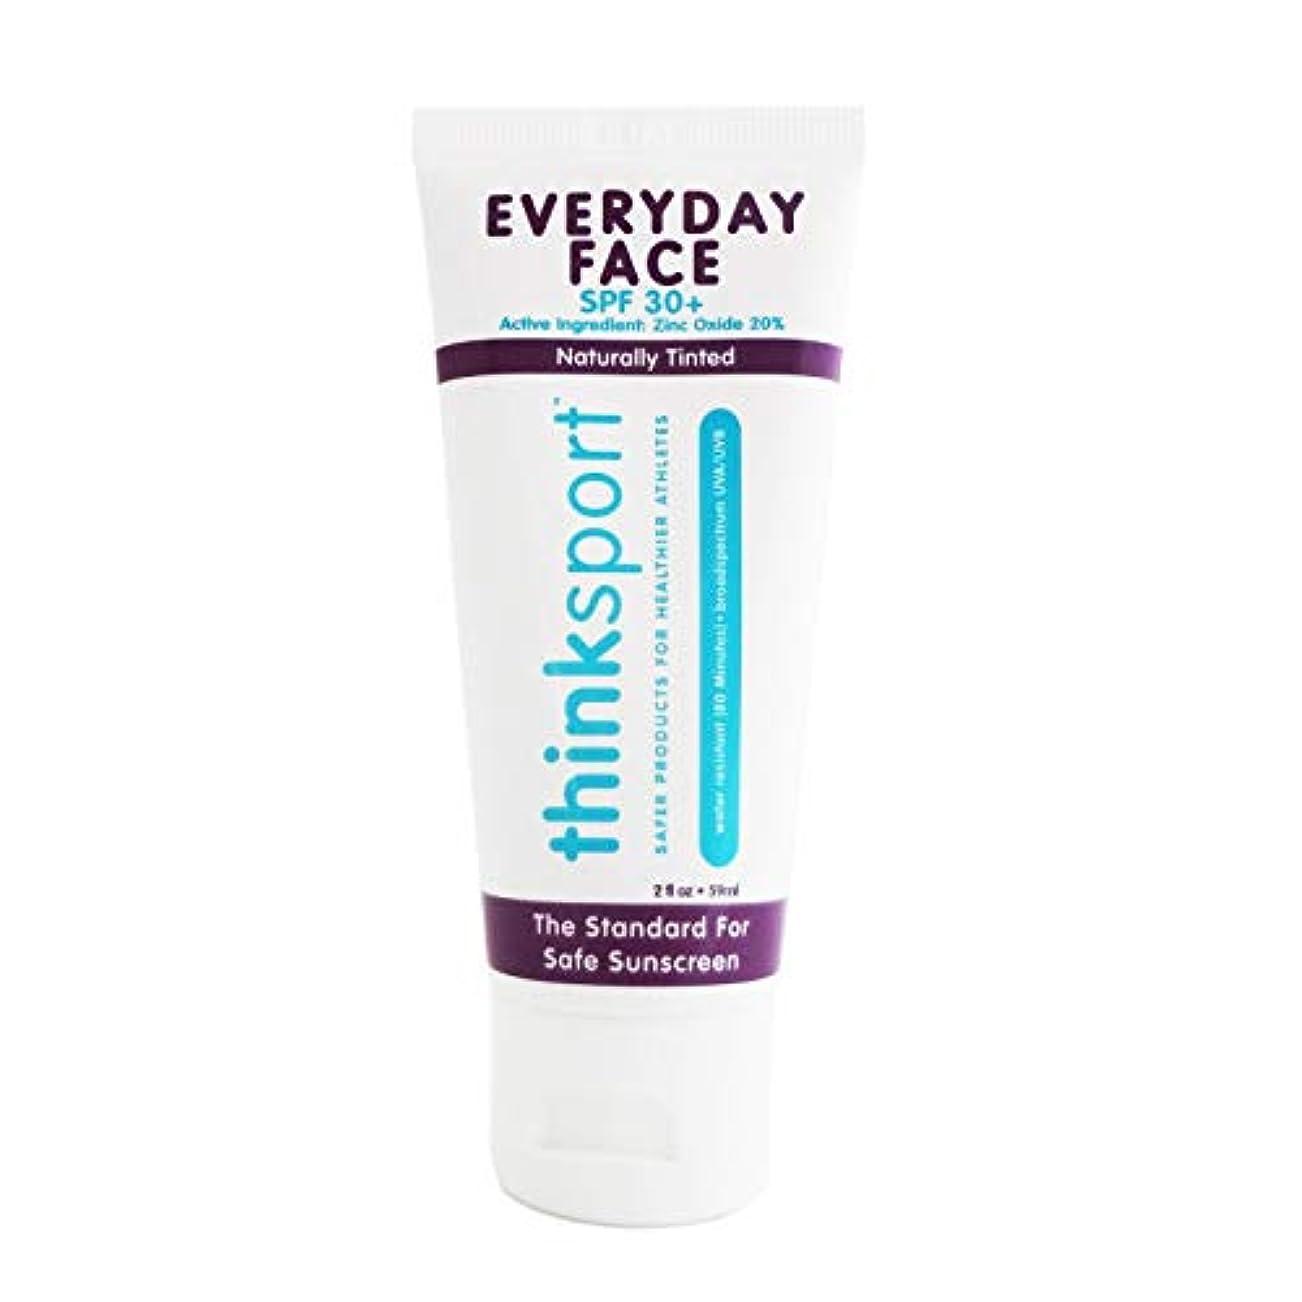 農場トレイルアセThinksport エブリデーフェイスサンスクリーン ナチュラルティント 59 ml 毎日のお顔用日焼け止め 自然な肌色